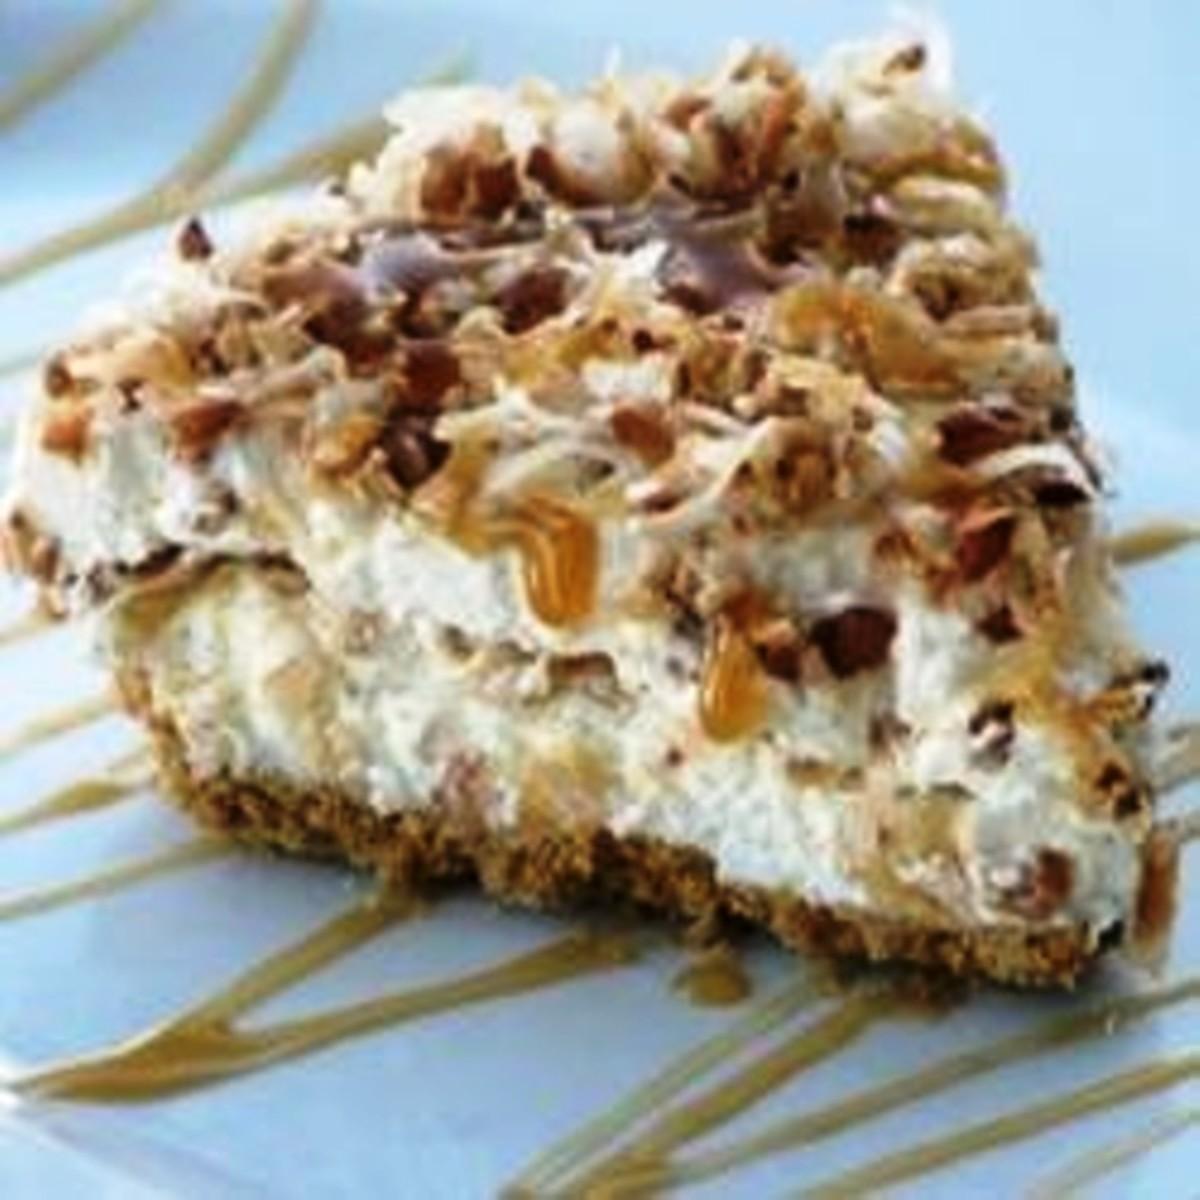 frozen-caramel-dessert